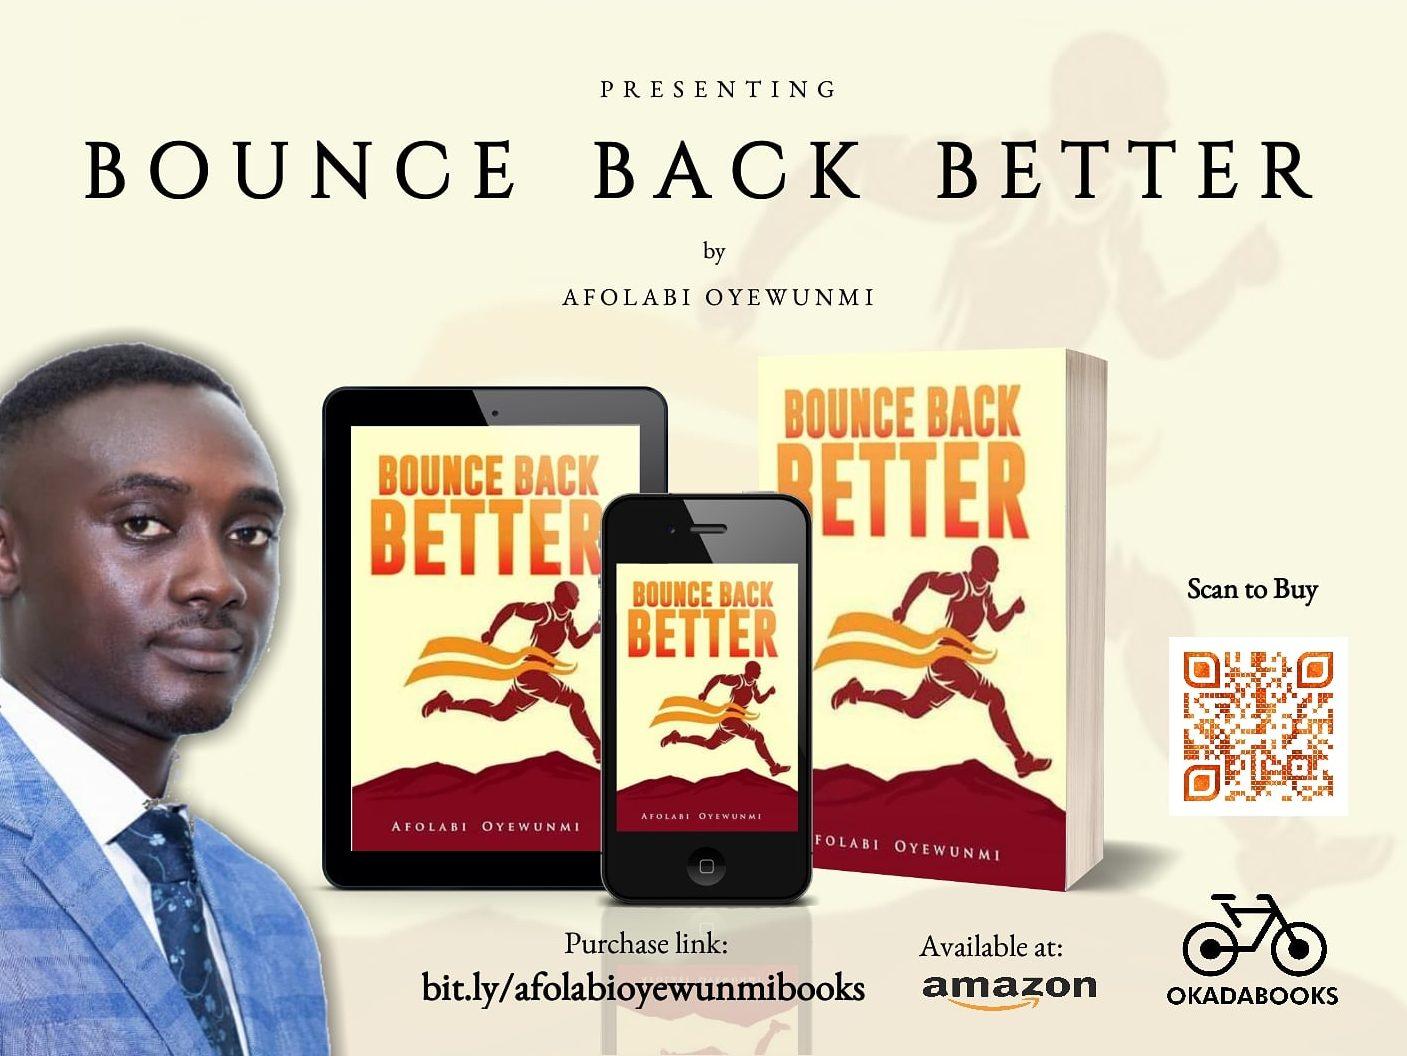 Books by Afolabi Oyewunmi